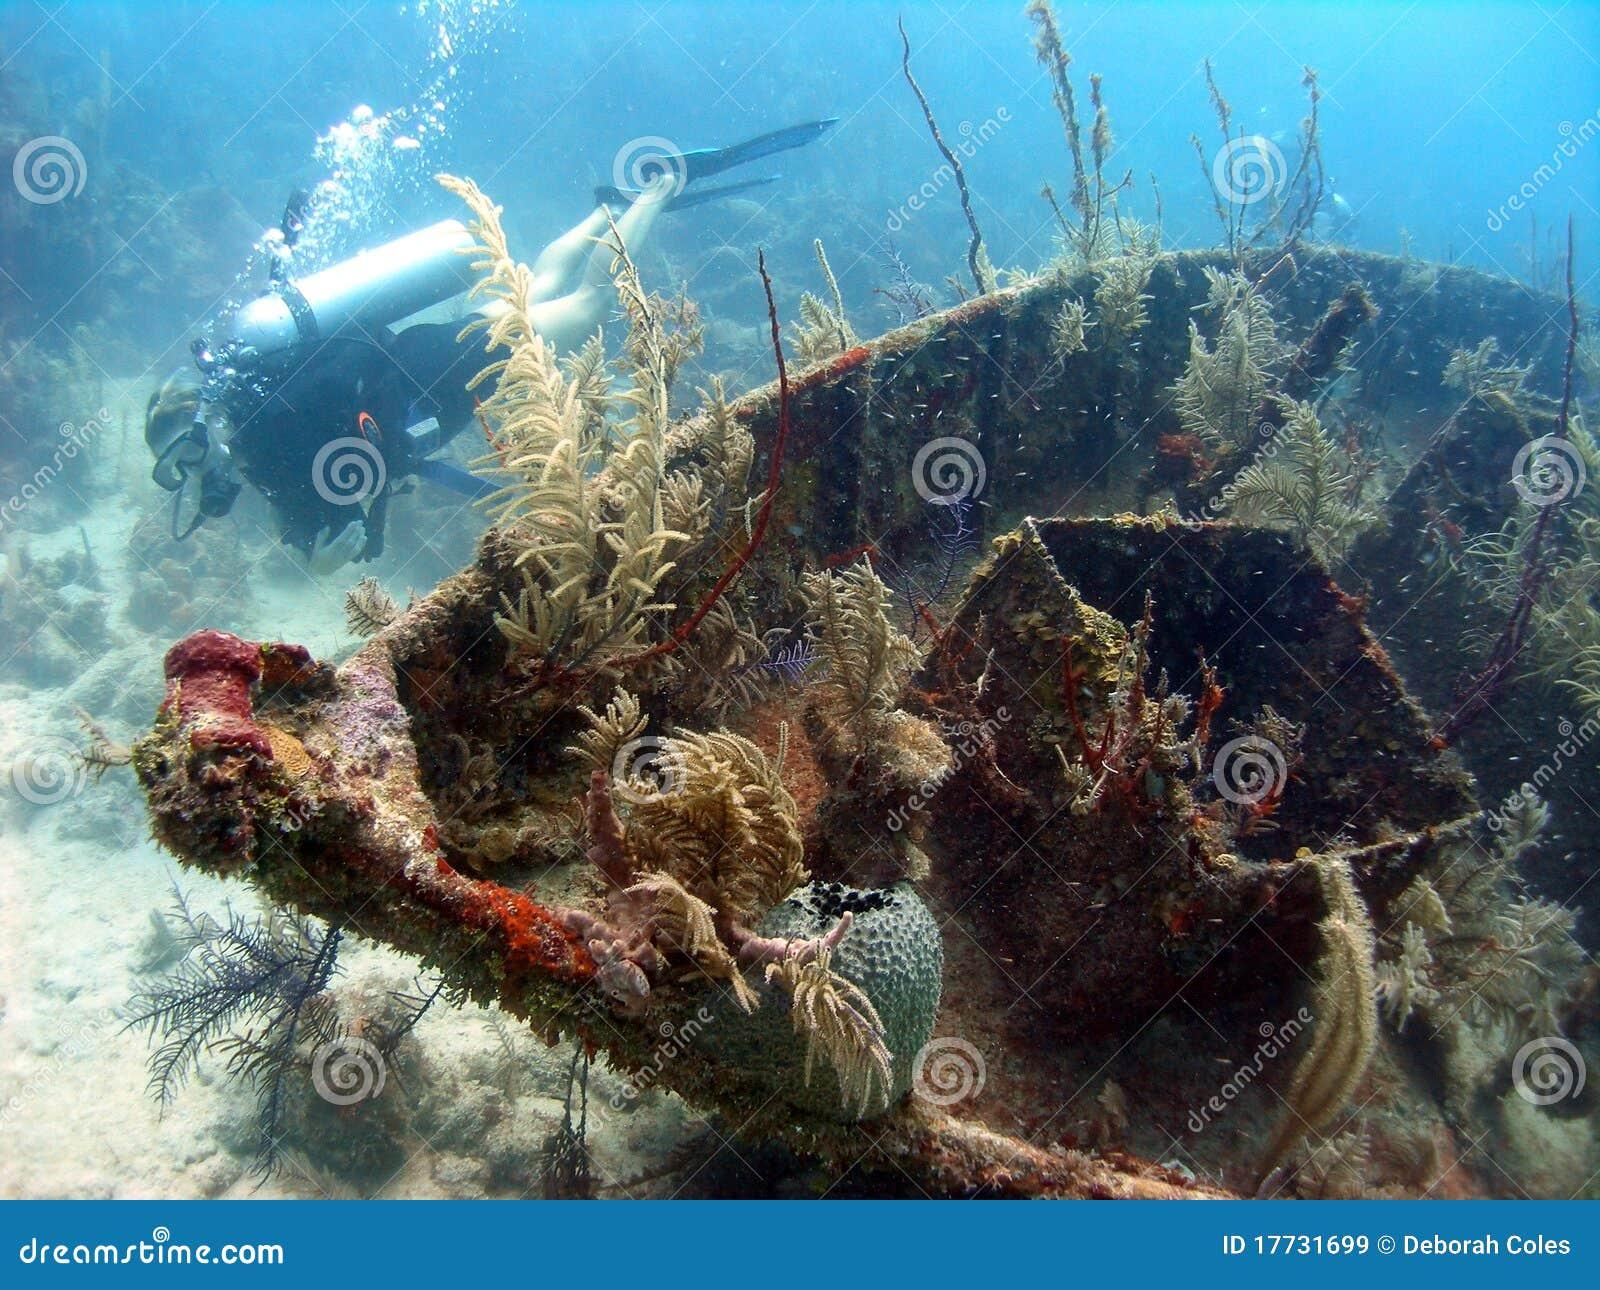 Wreck of a ship